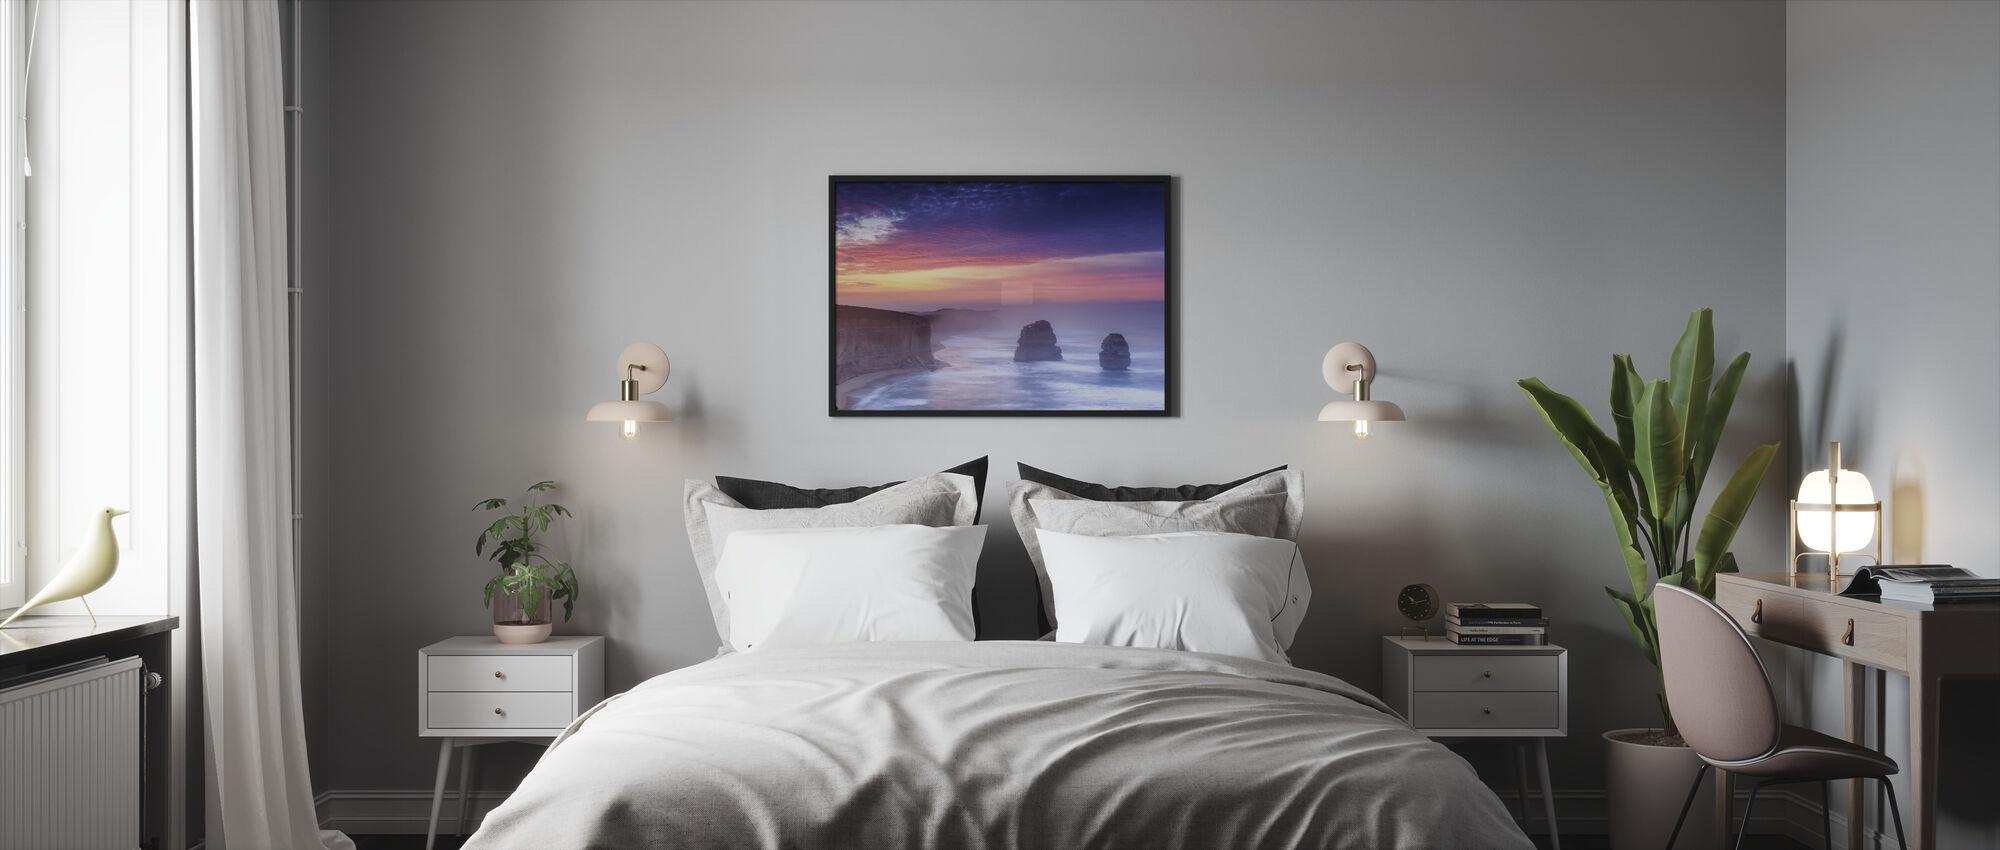 Australische kustlijn - Ingelijste print - Slaapkamer